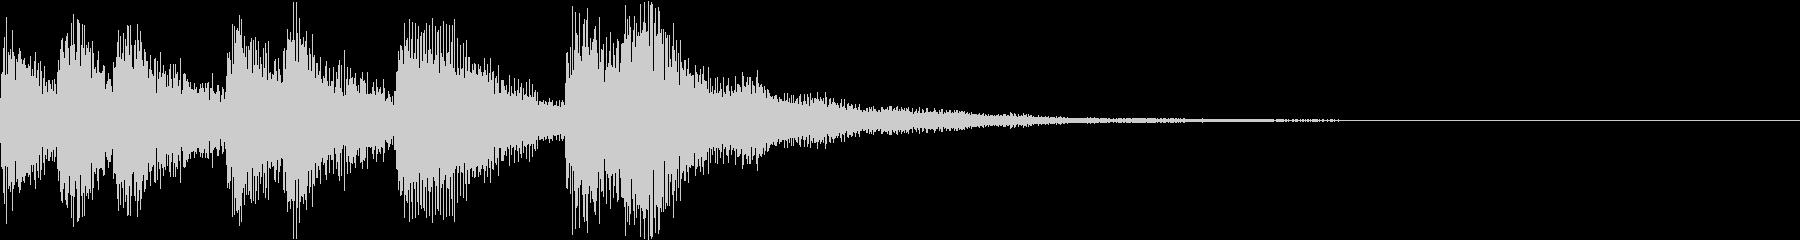 ショート ファンファーレ ベル ブラスBの未再生の波形